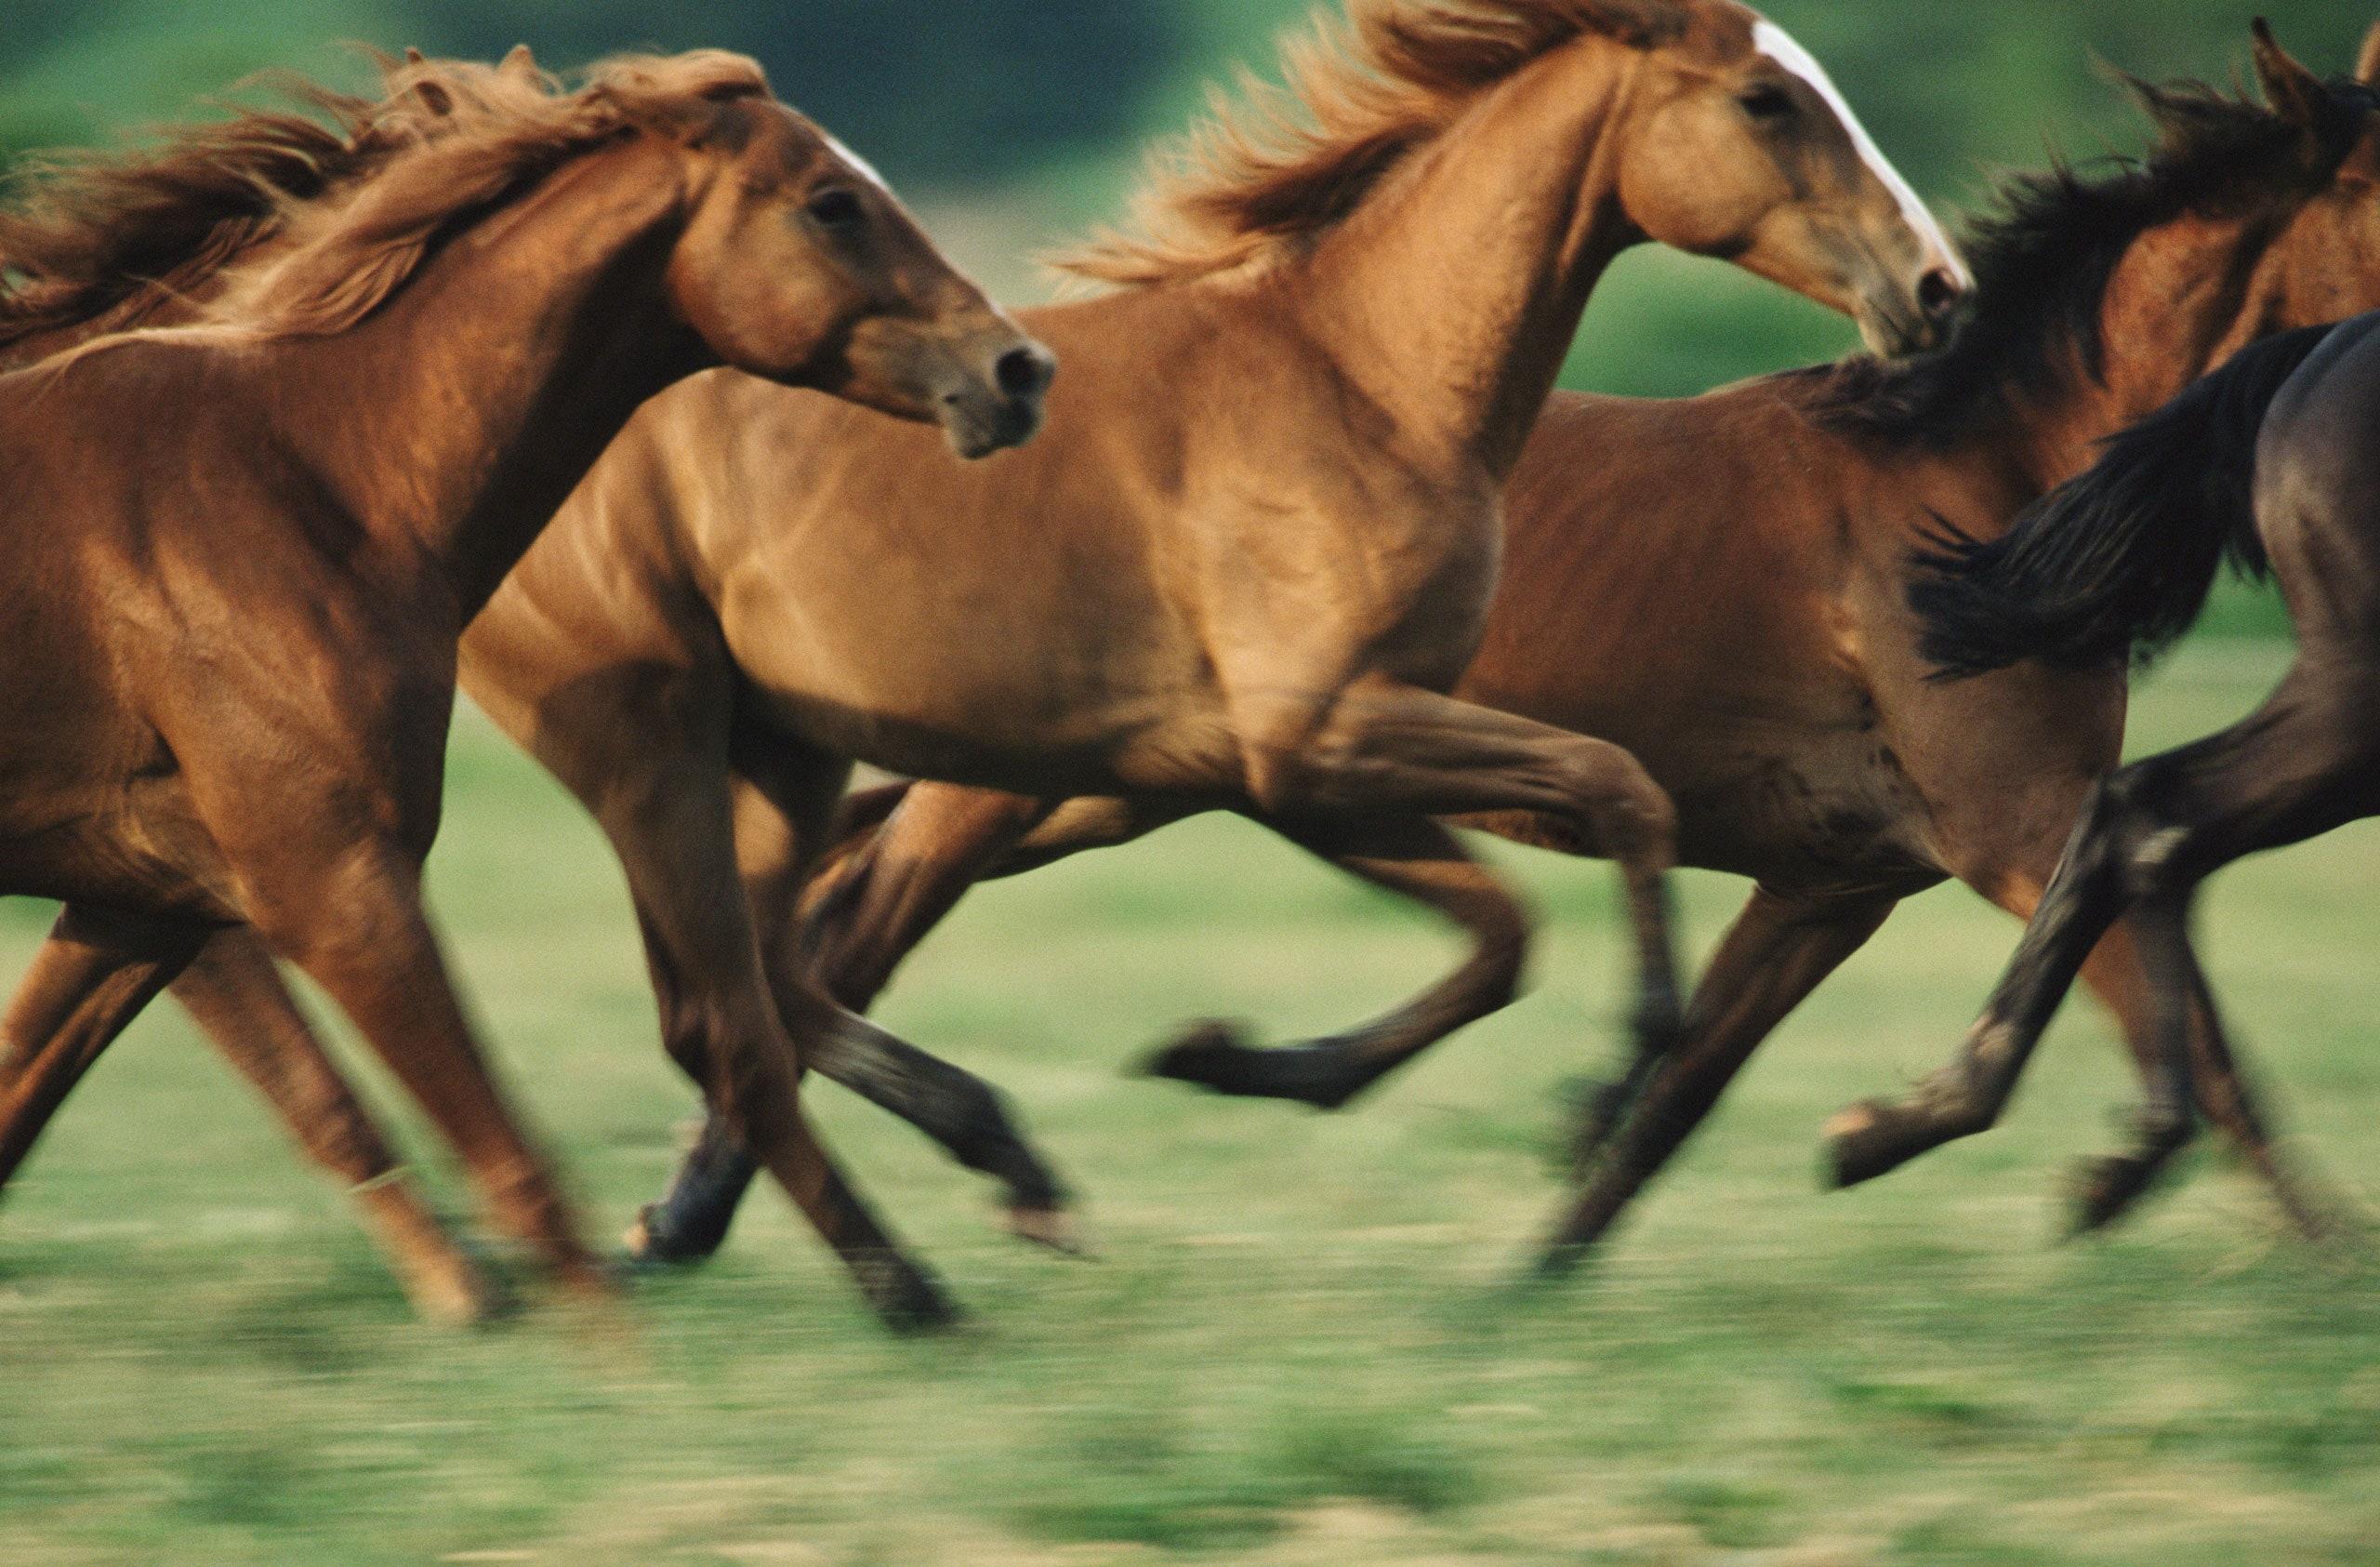 فروش اسب شیراز | باشگاه سوارکاری ماهان